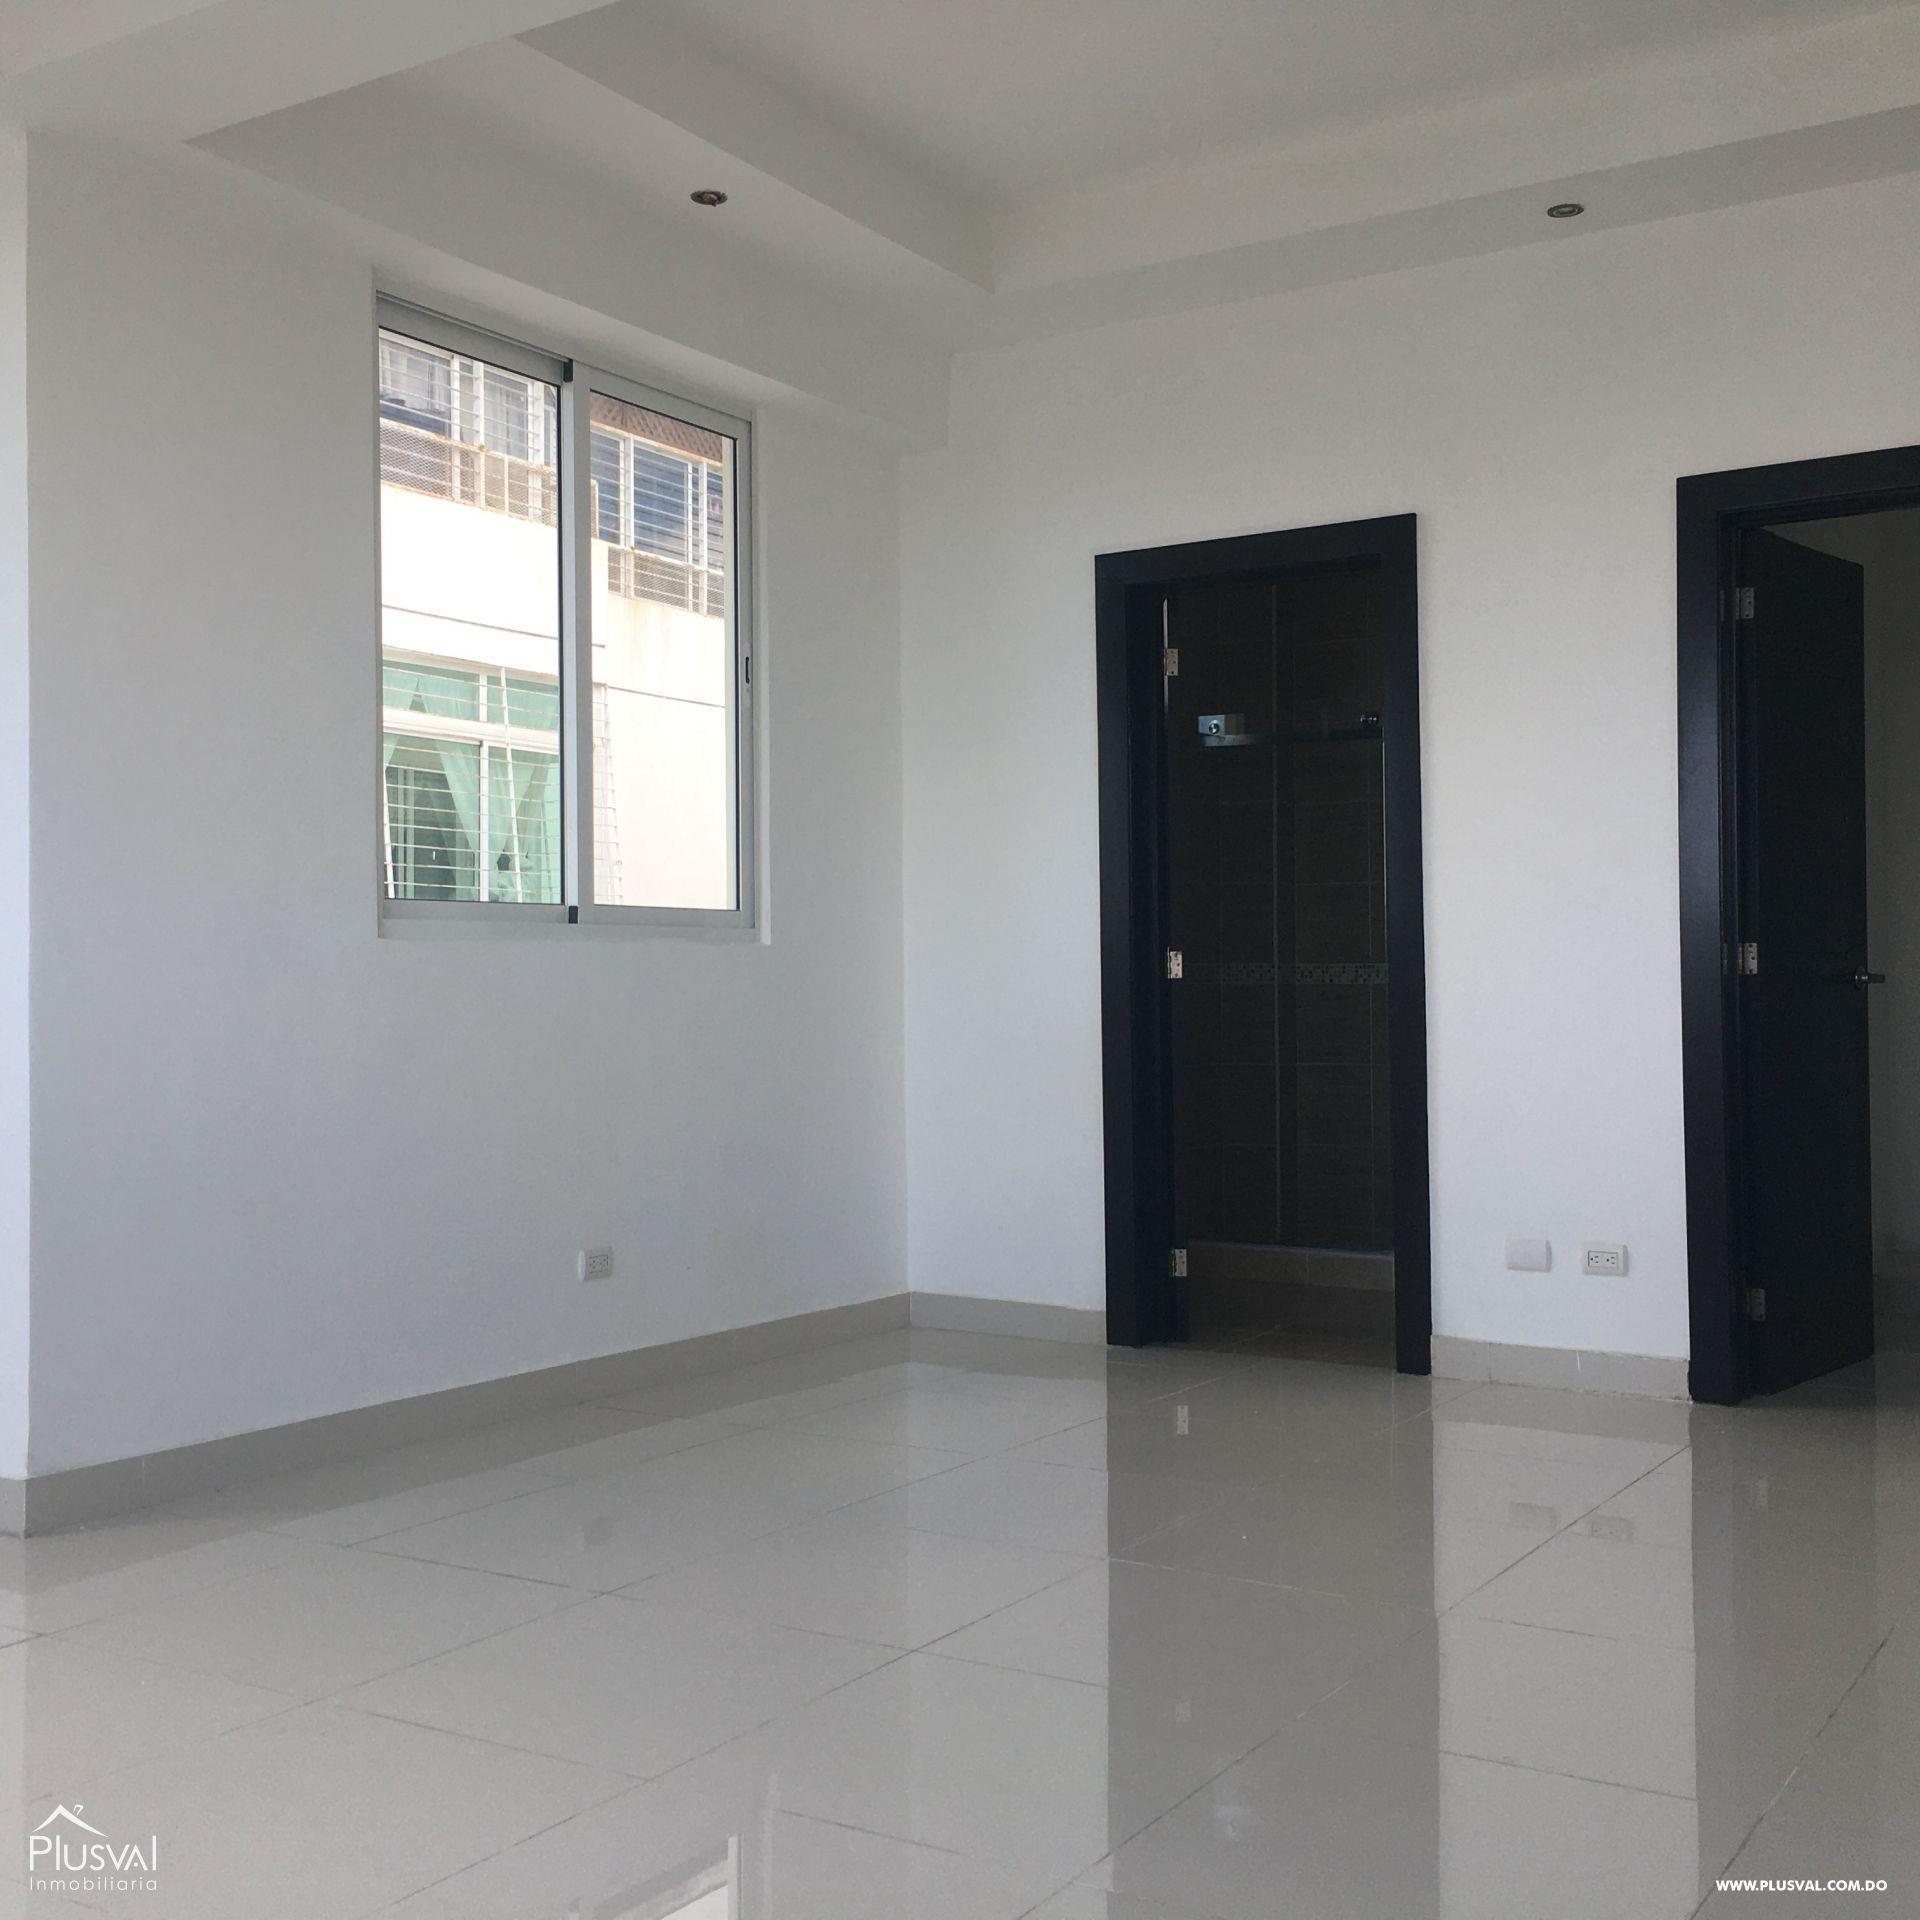 Penthouse en venta, Mirador Norte 169506